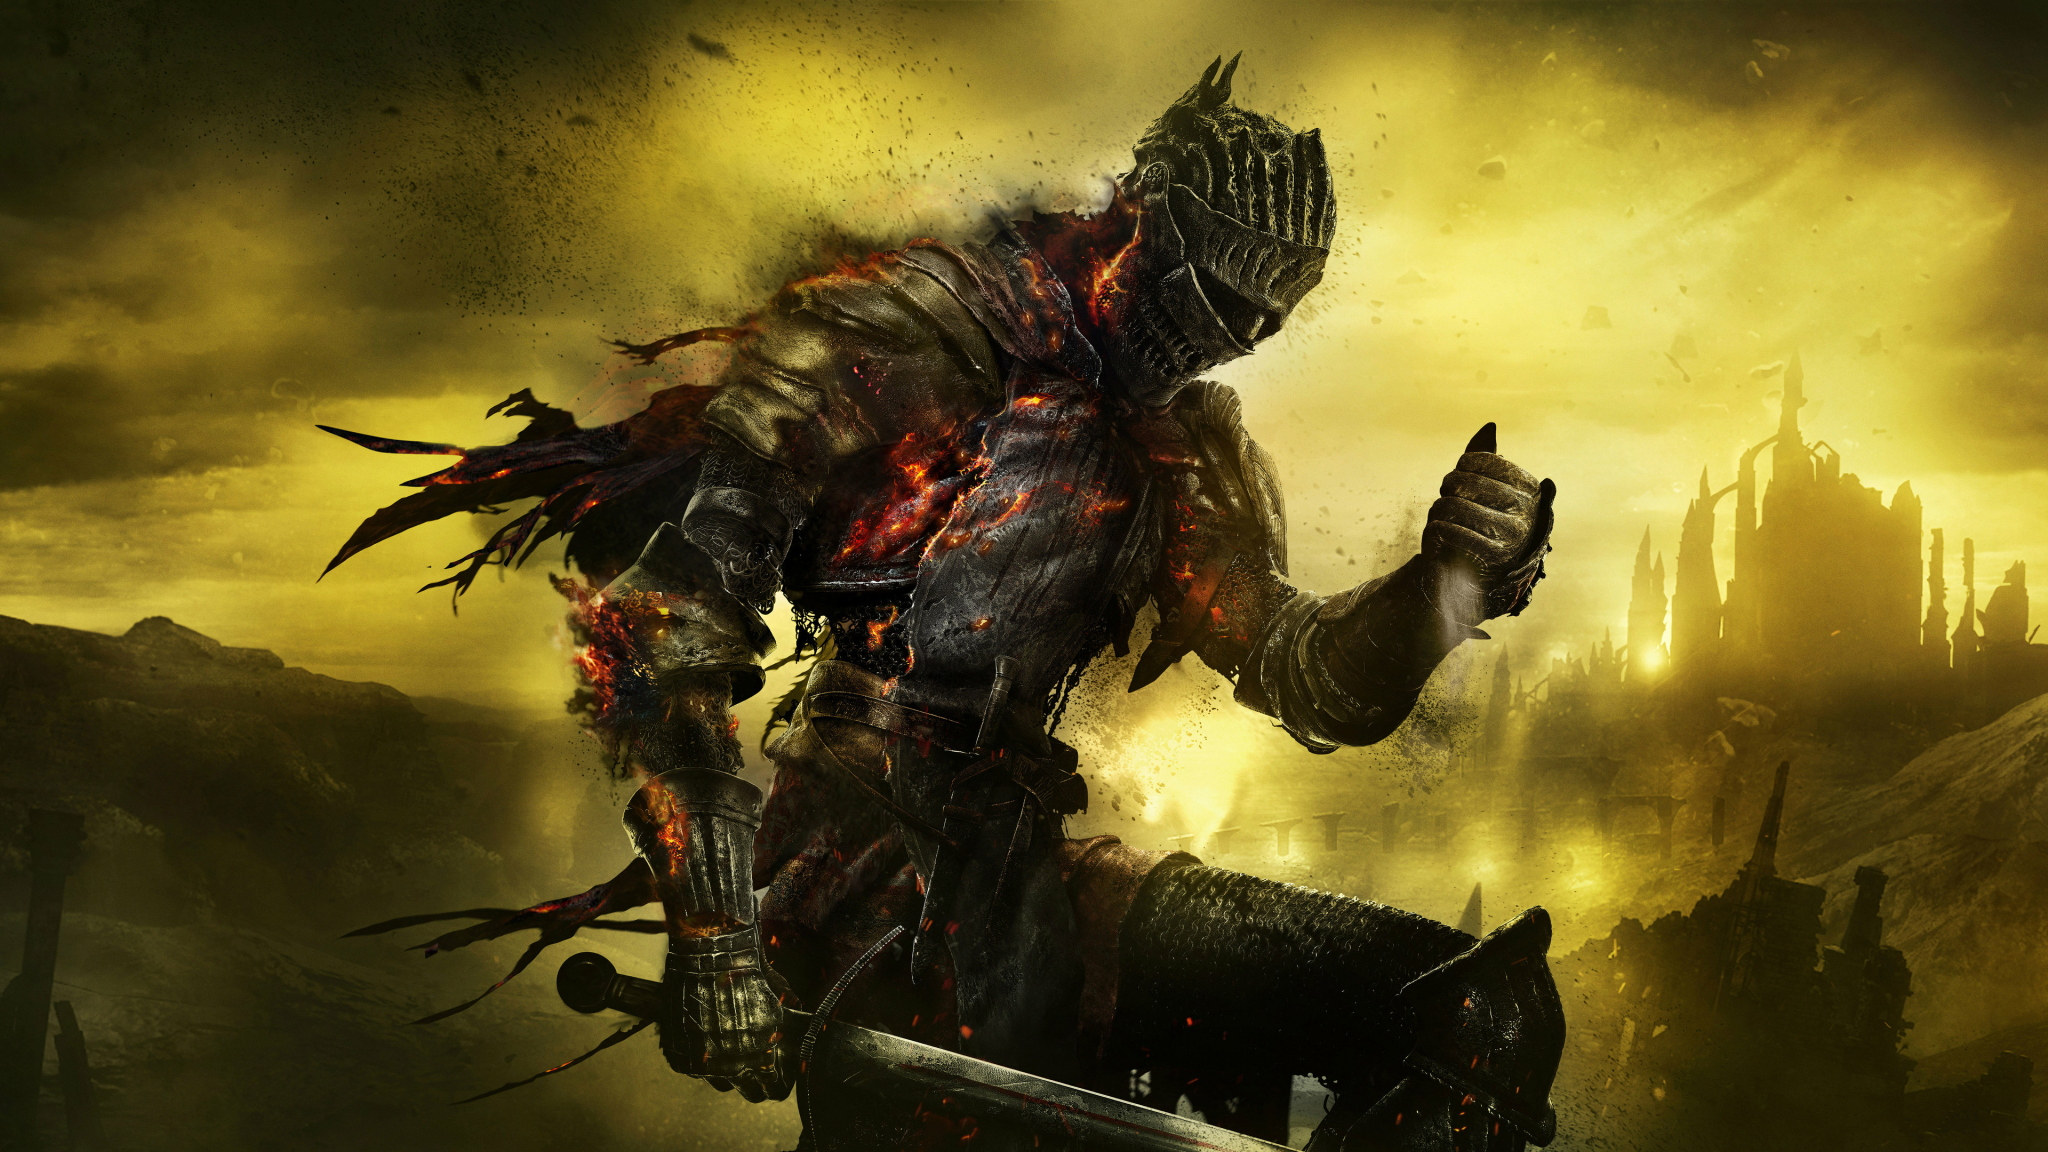 Ashen One Dark Souls 3, HD 4K Wallpaper